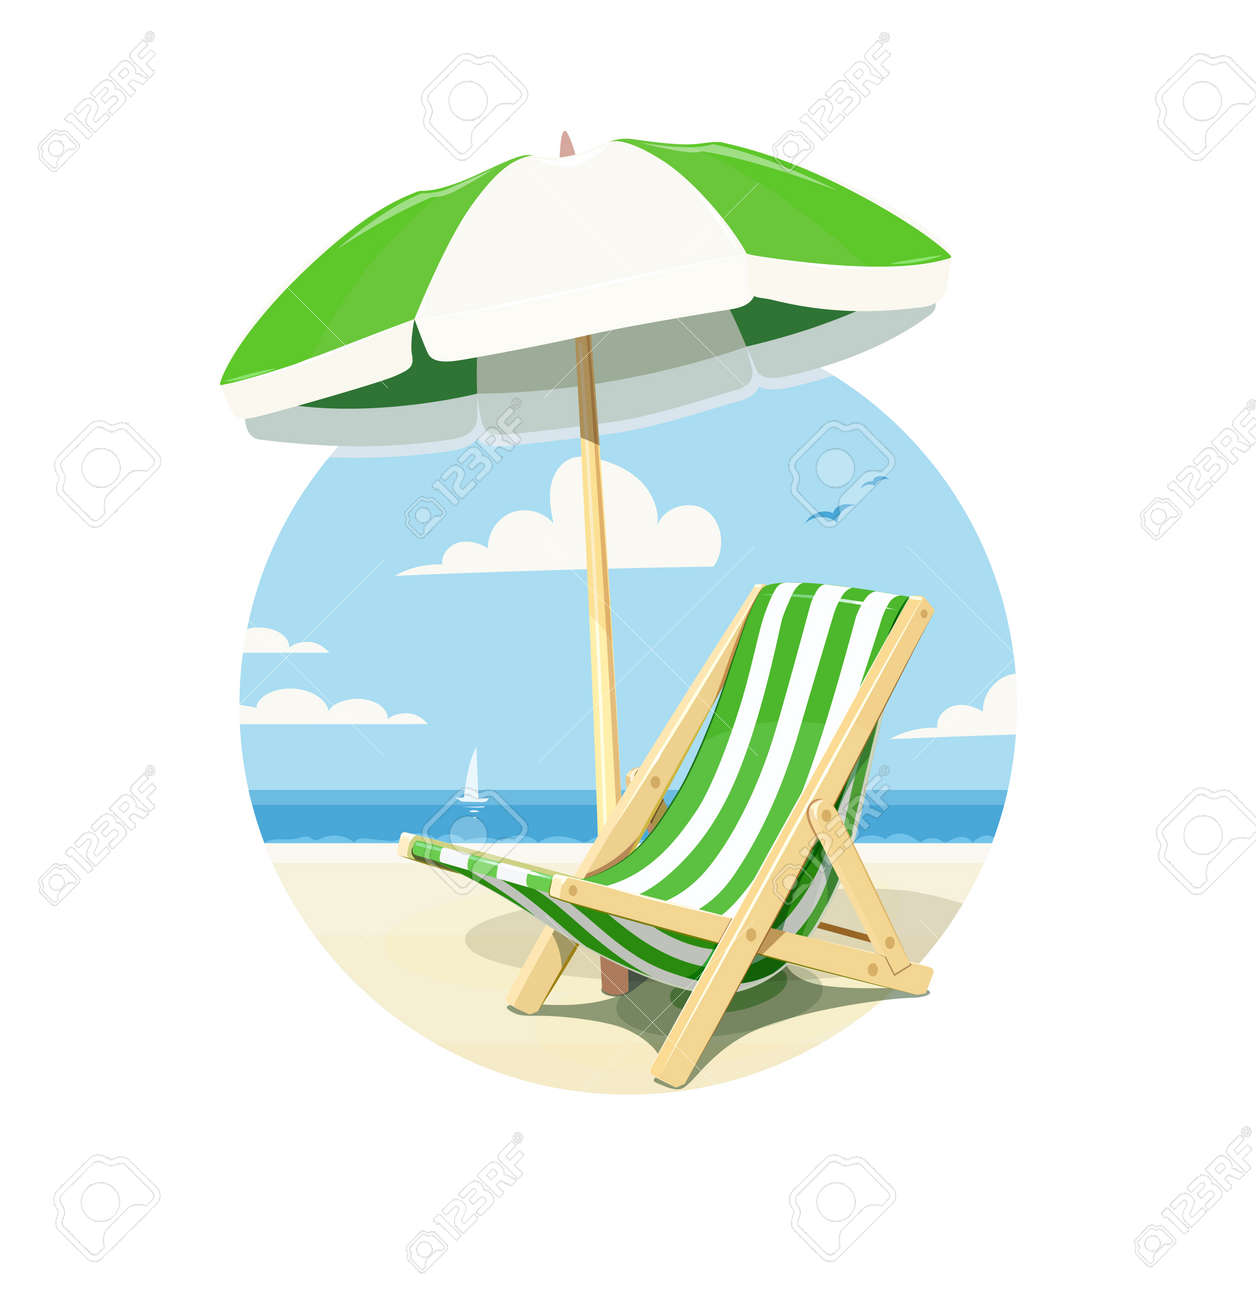 Strandstoel Met Parasol.Strandstoel En Parasol Voor Zomerse Rust Geisoleerde Witte Achtergrond Vector Illustratie